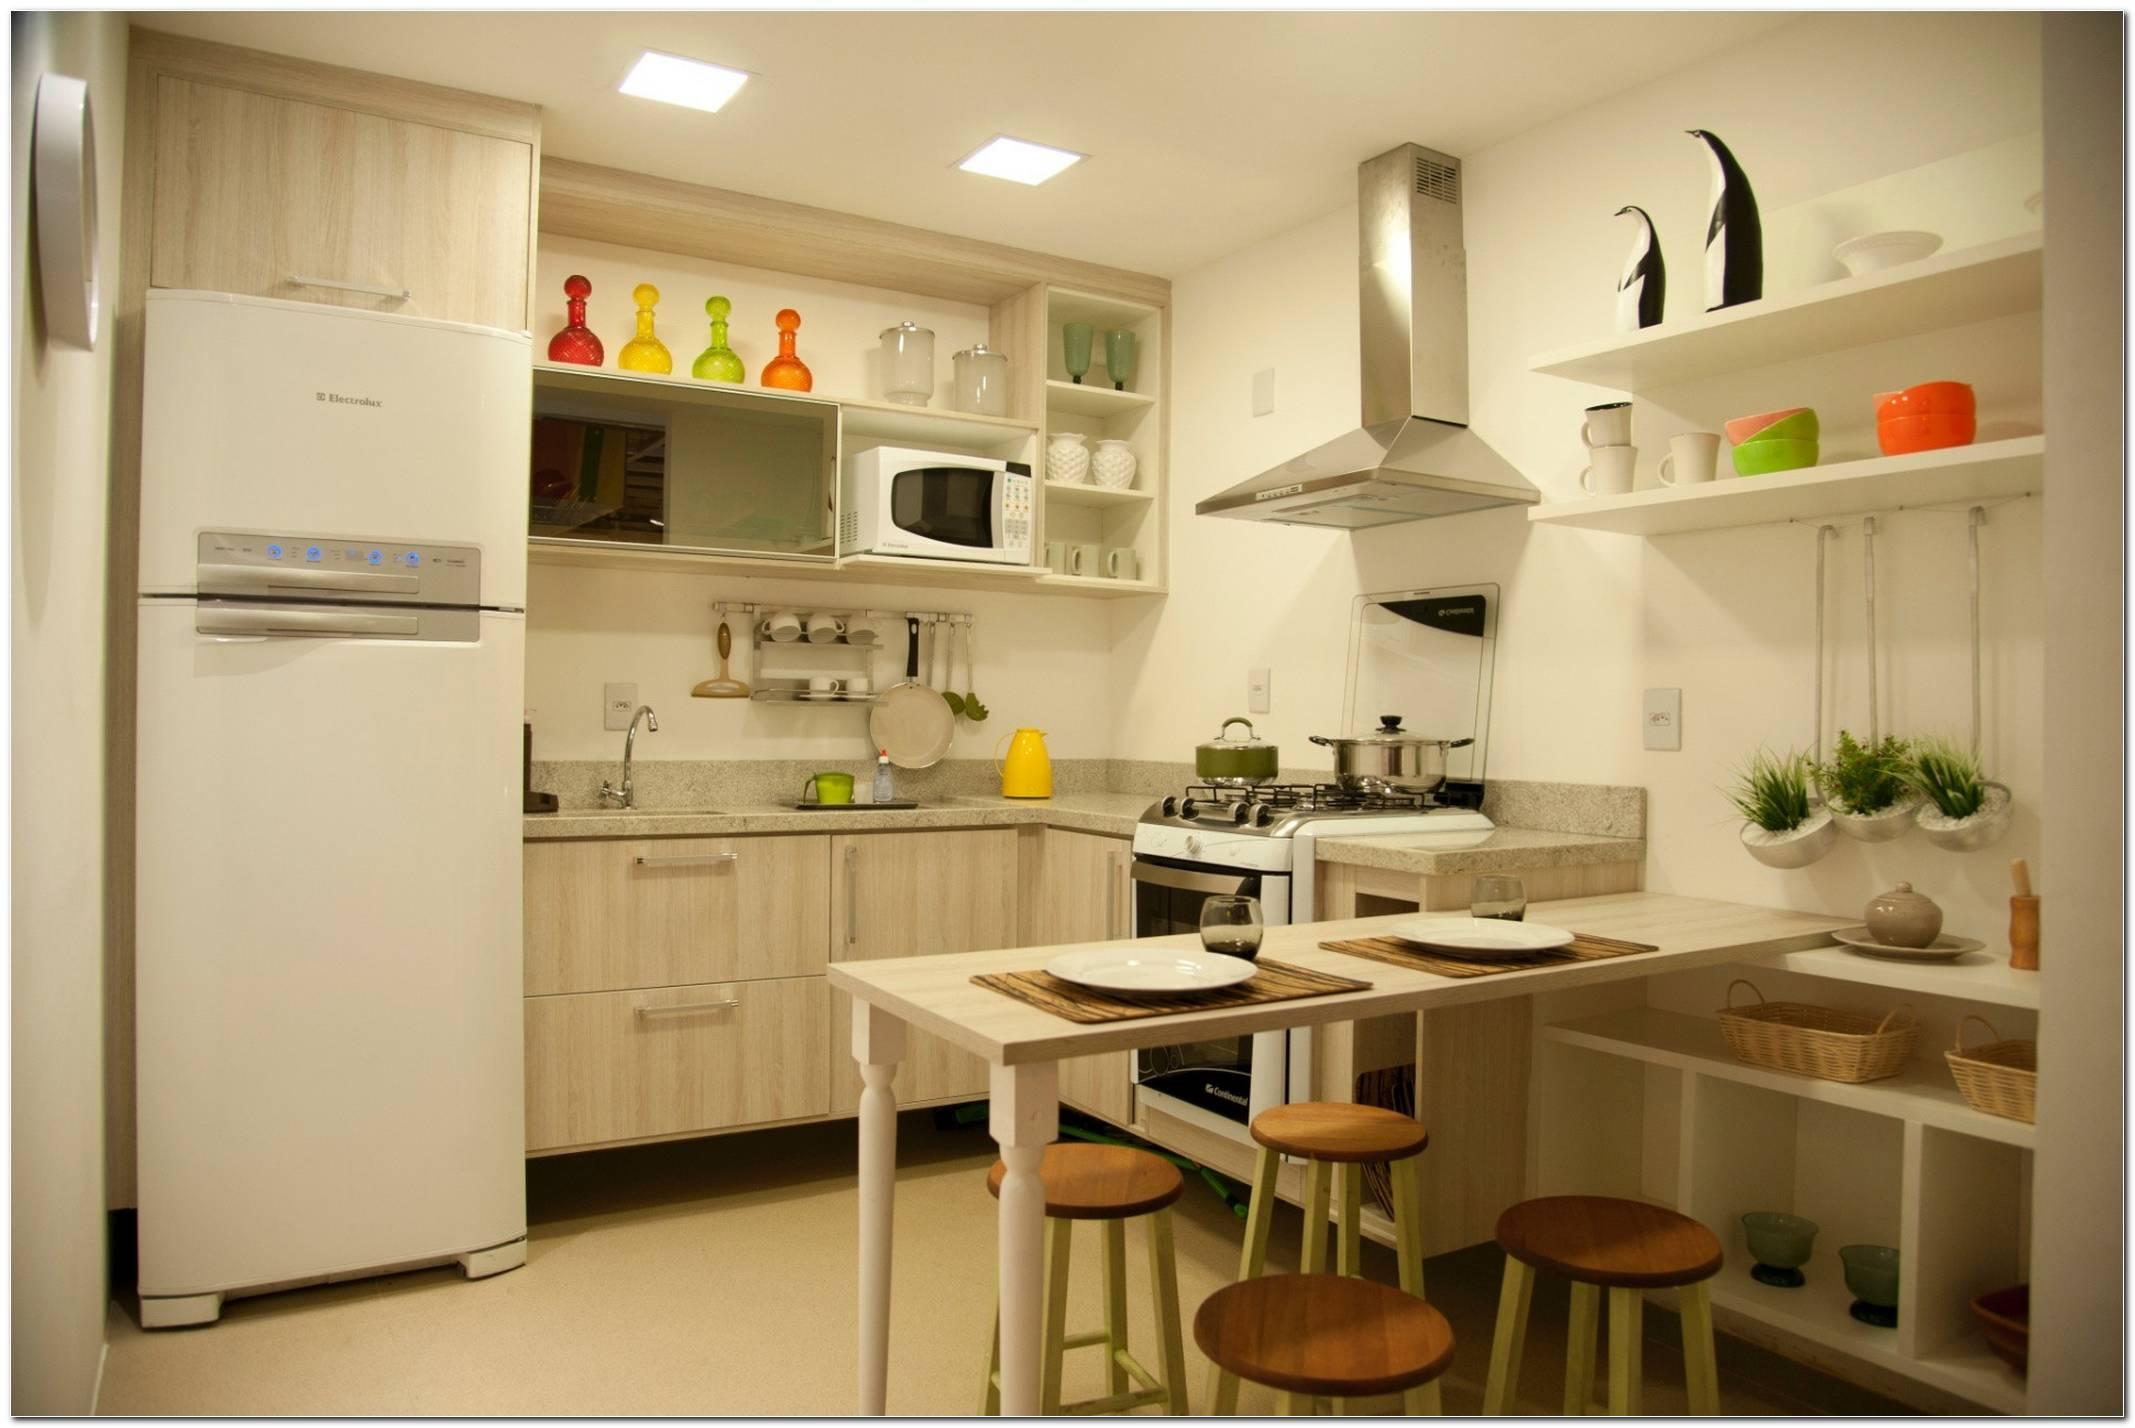 Enfeites Para Cozinha 25 Ideias Criativas De Decoração